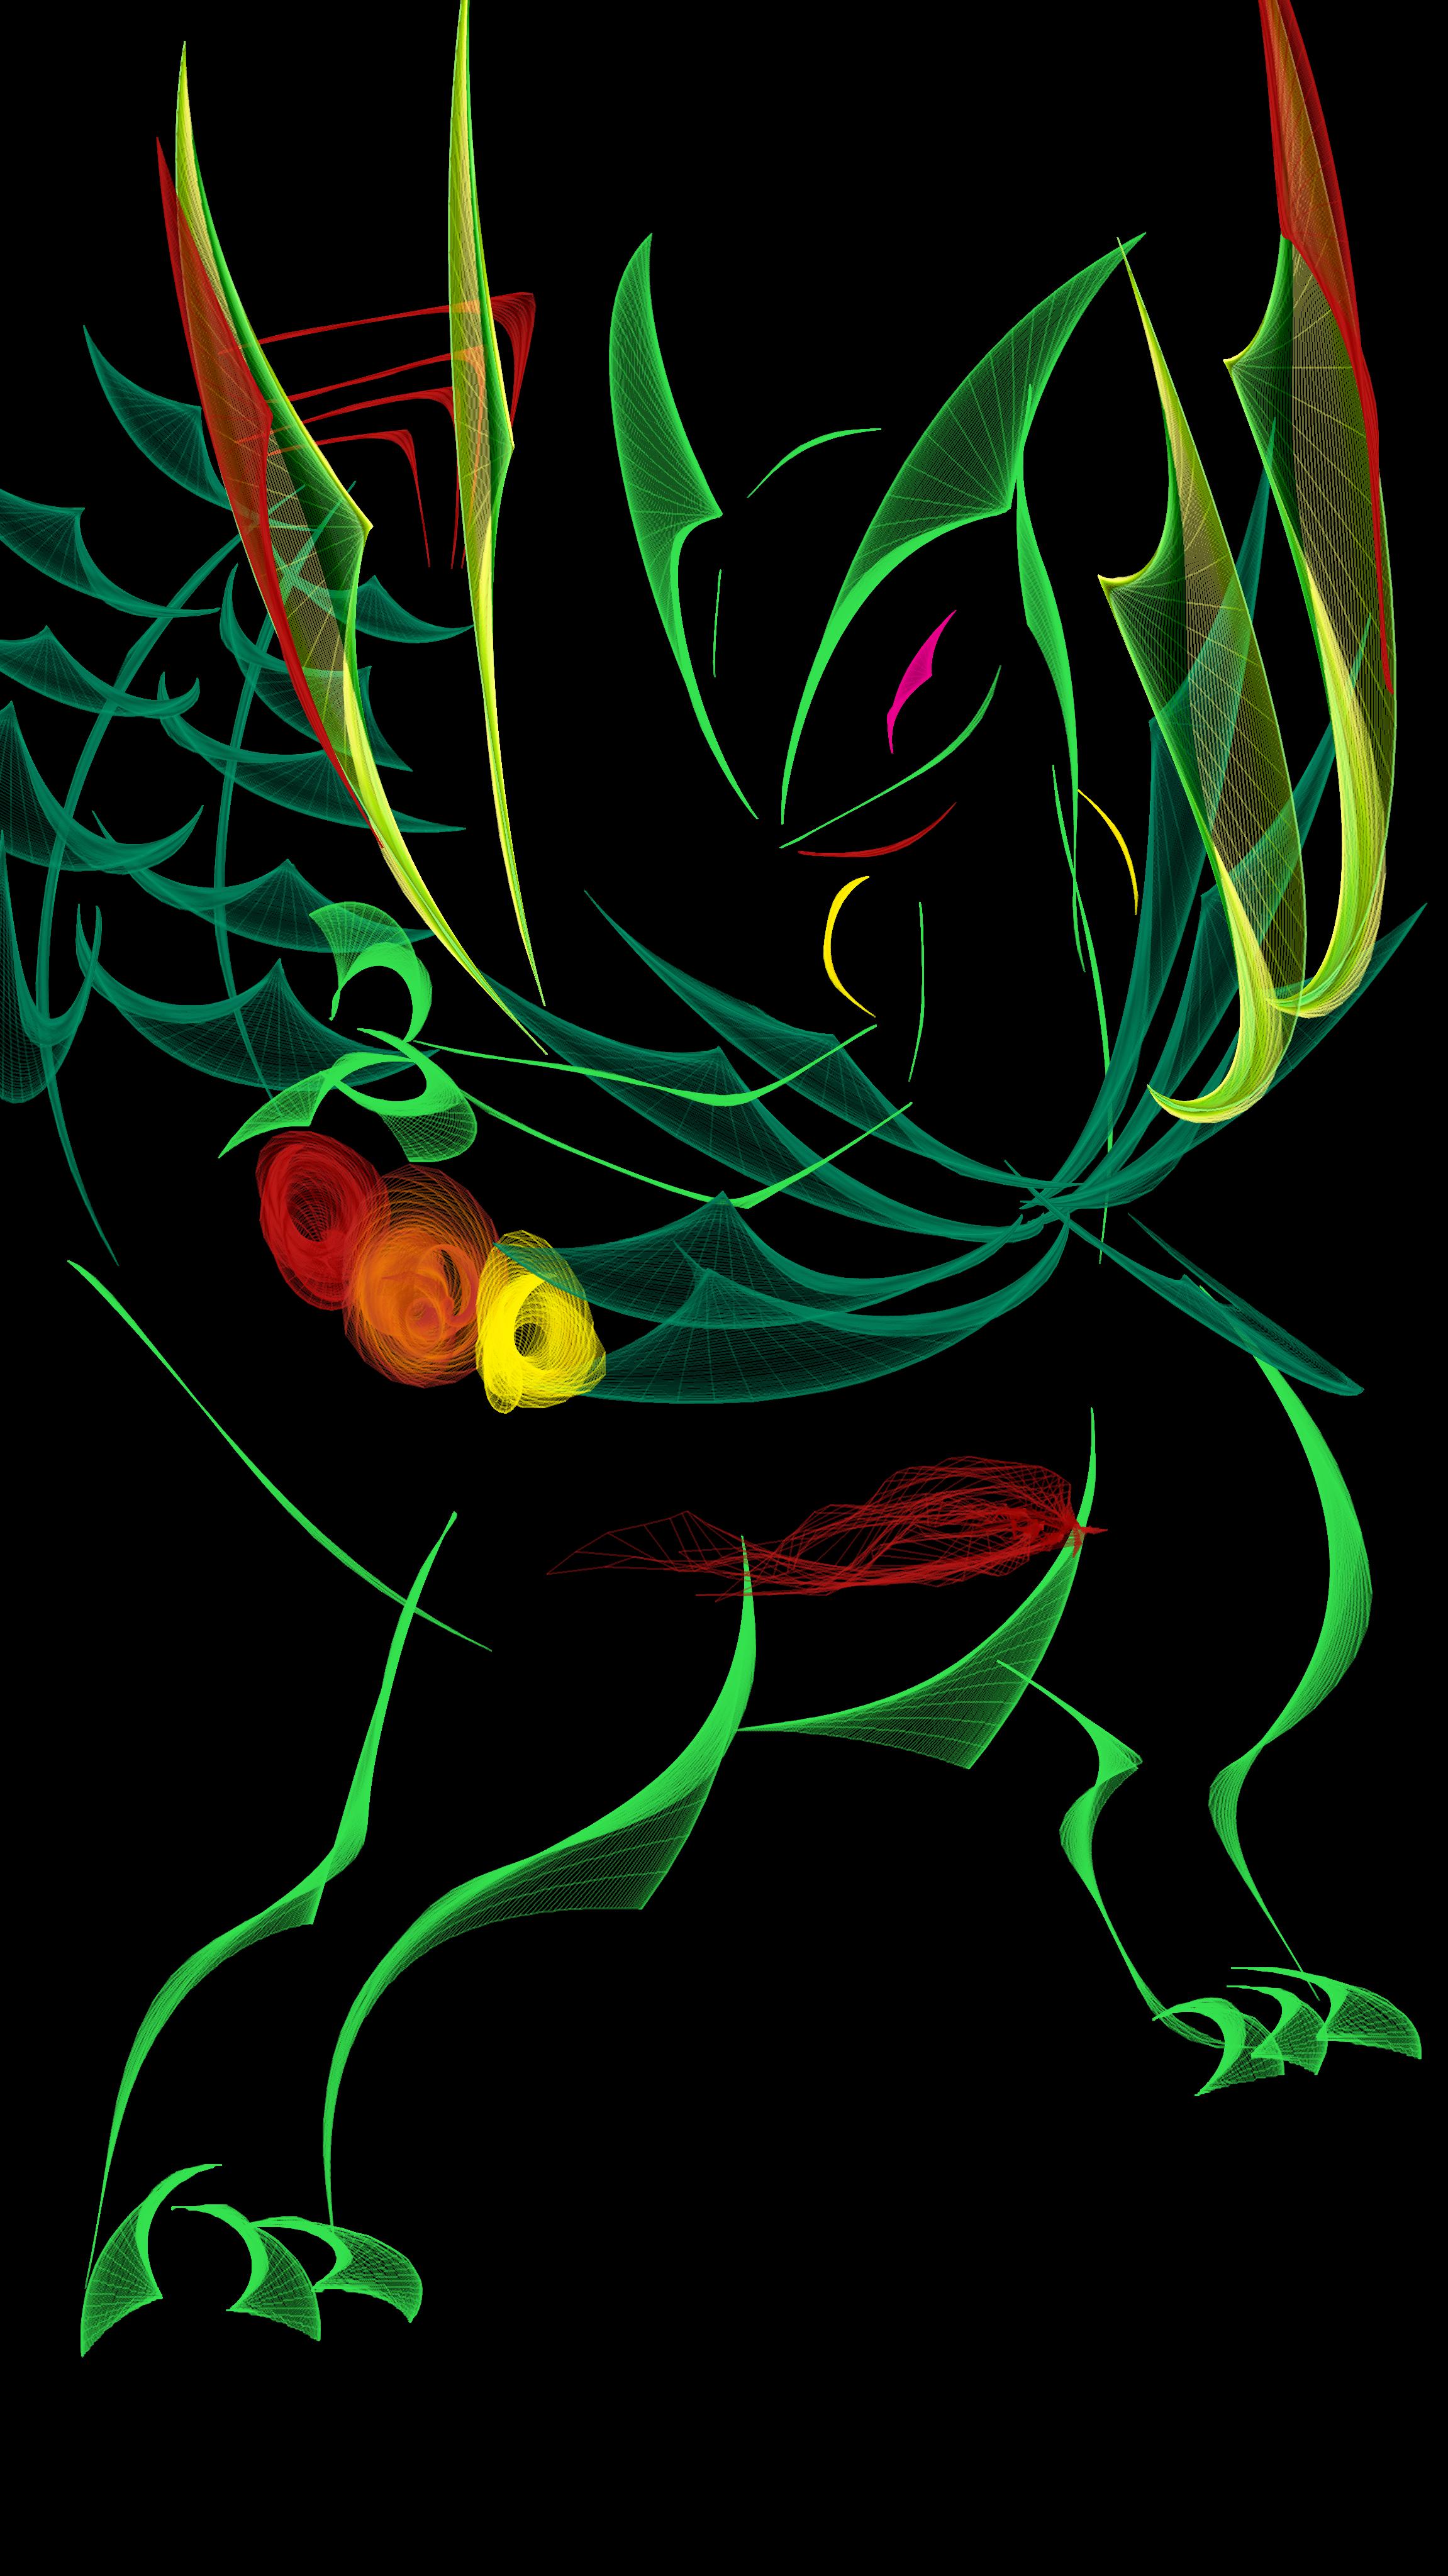 Flowpaperでメガジュカイン ポケモンファンアート ポケモン 壁紙 かっこいい ポケモン 絵